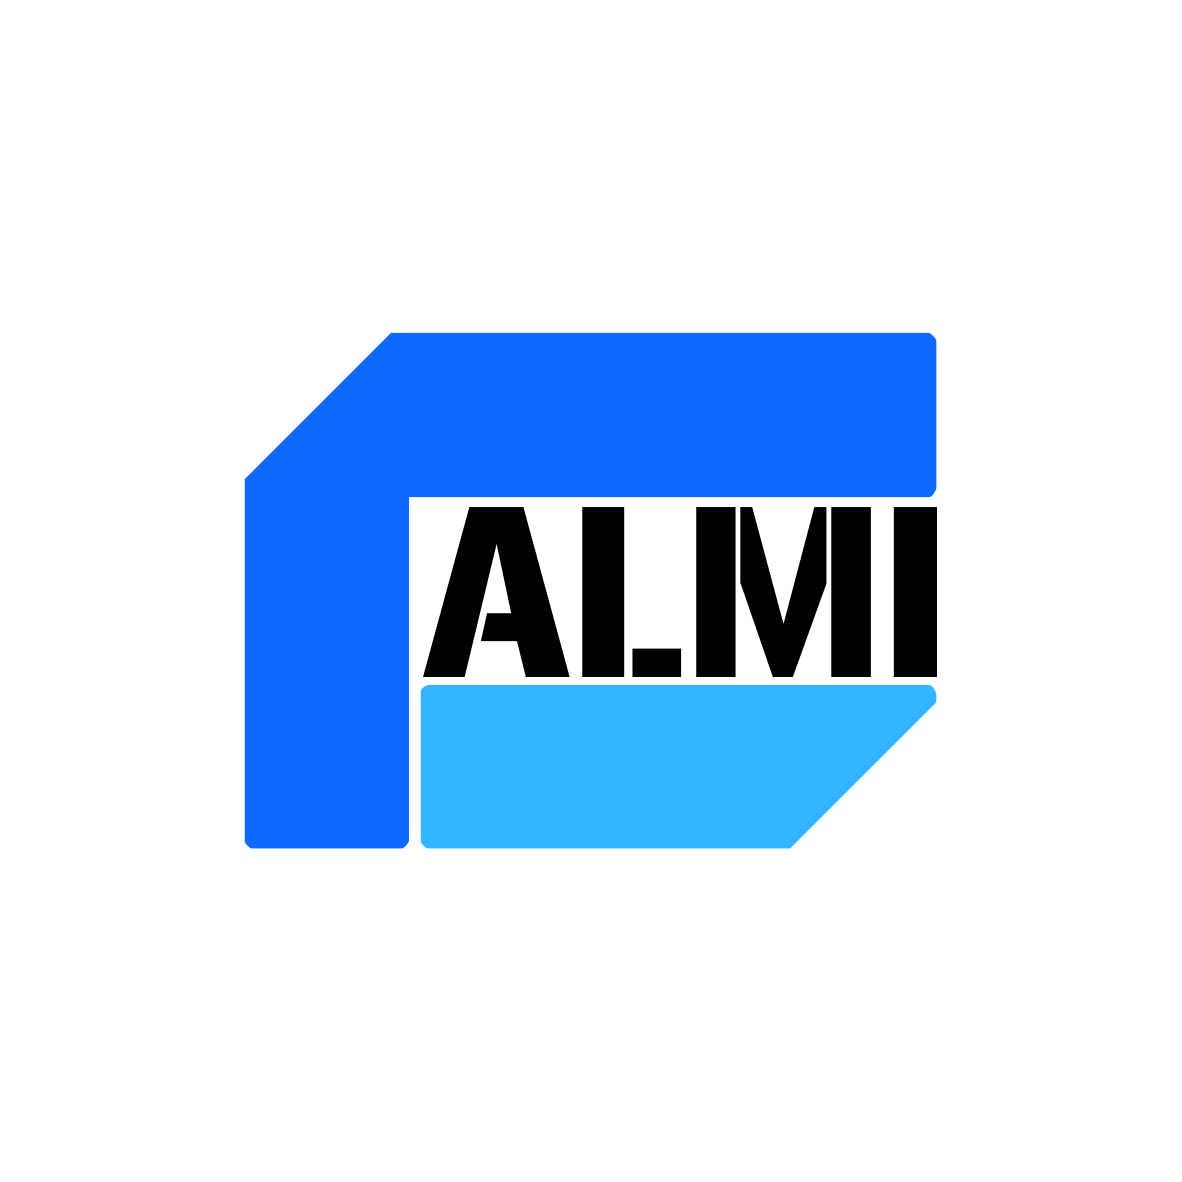 Разработка логотипа и фона фото f_331598a5d093127c.jpg